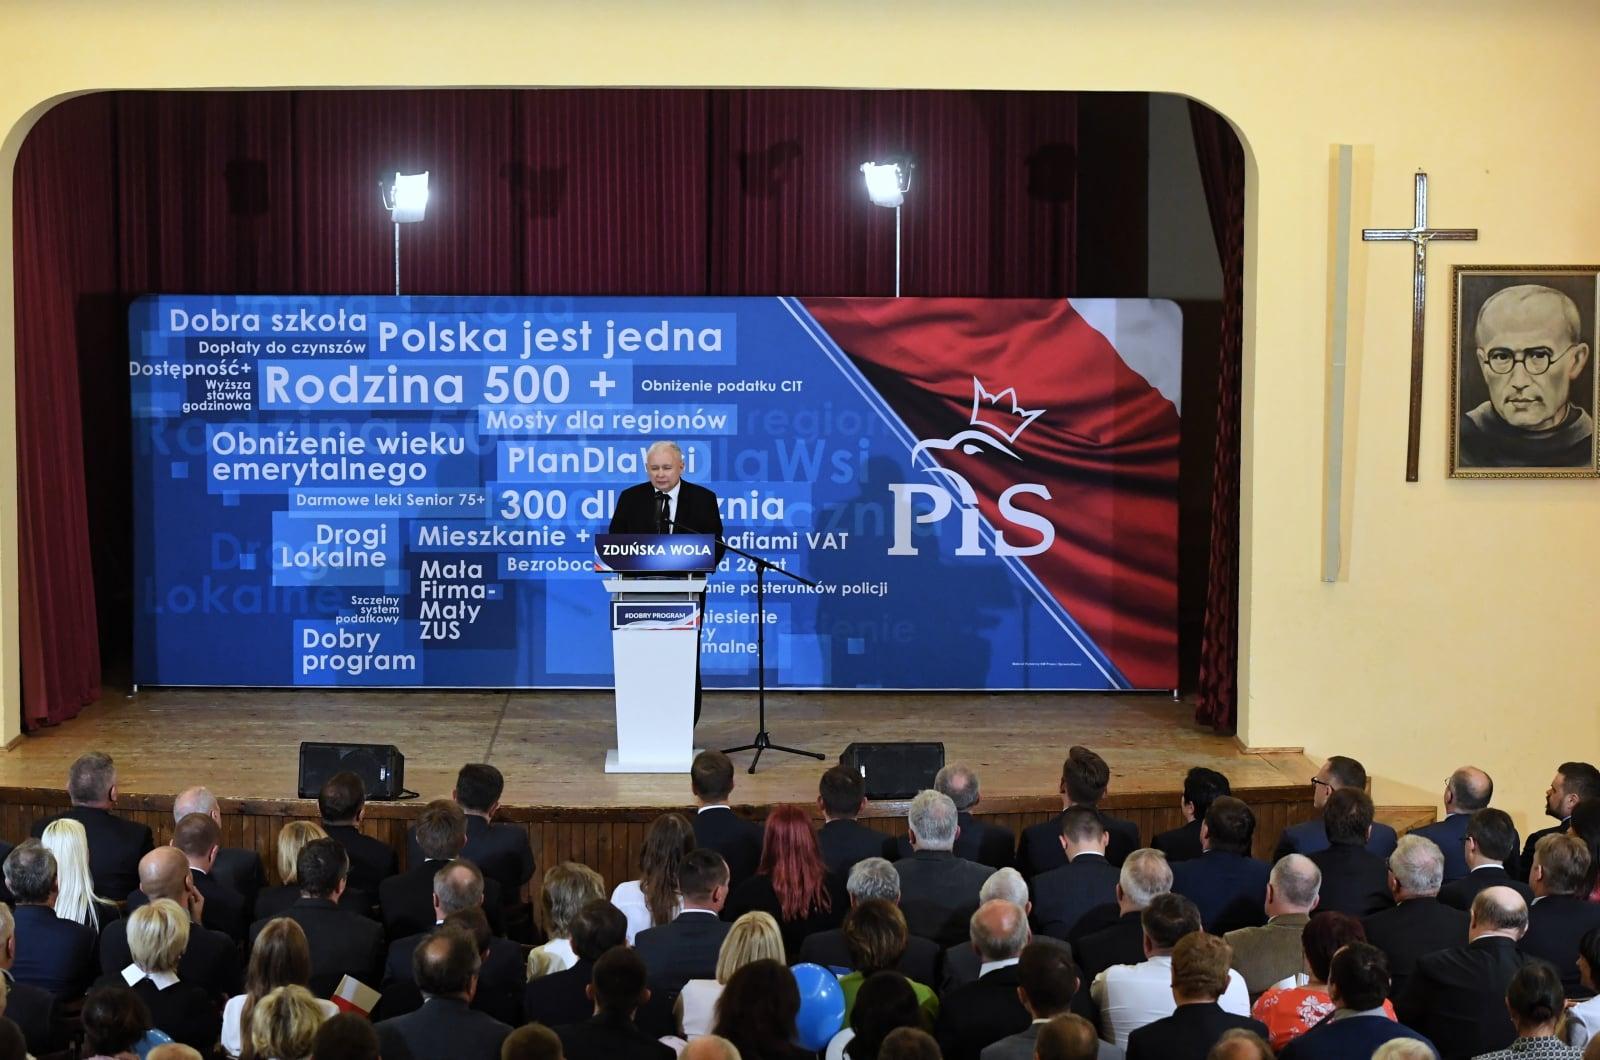 Prezes PiS Jarosław Kaczyński podczas wizyty w Zduńskiej Woli. Fot. PAP/Grzegorz Michałowski